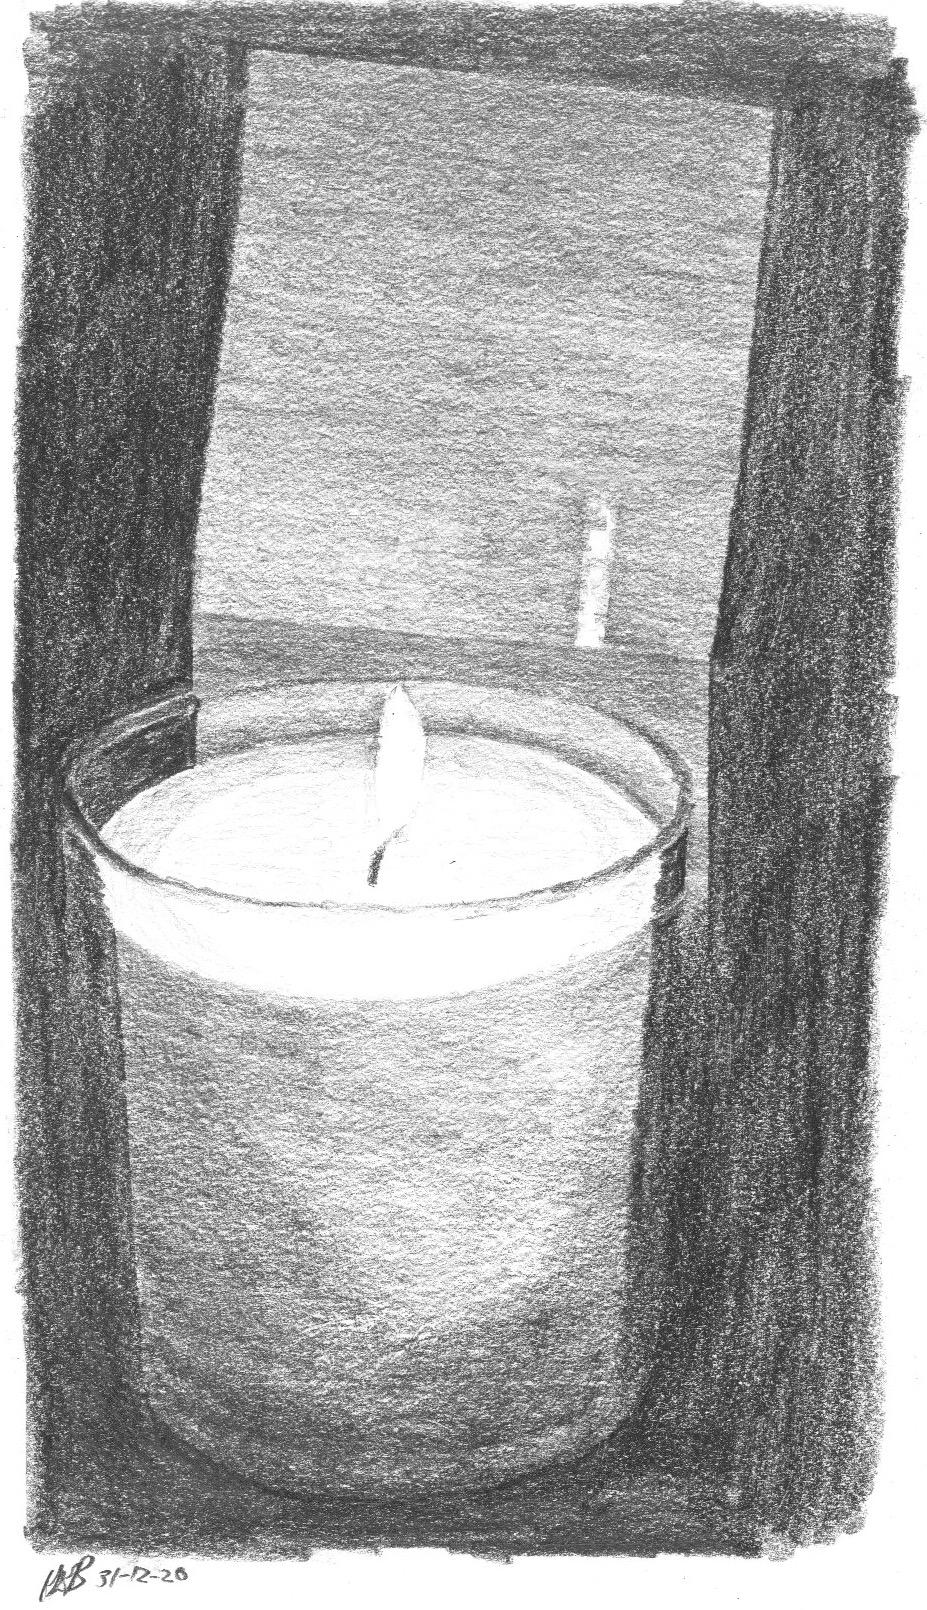 CandleCrop31Dec20